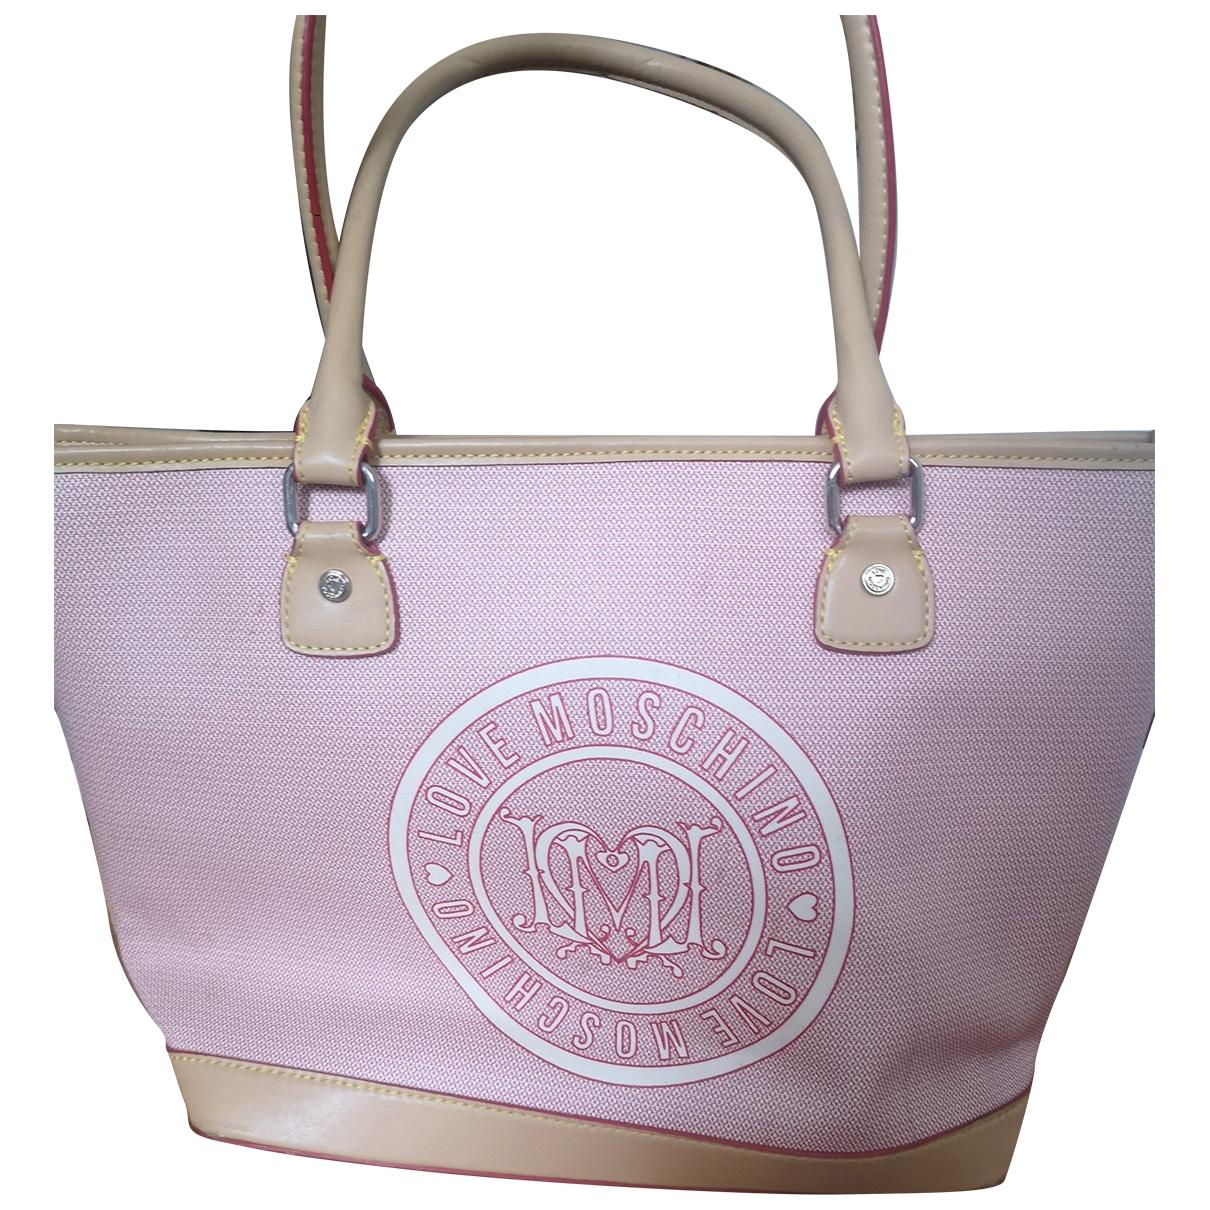 Moschino Love \N Handtasche in  Beige Leinen